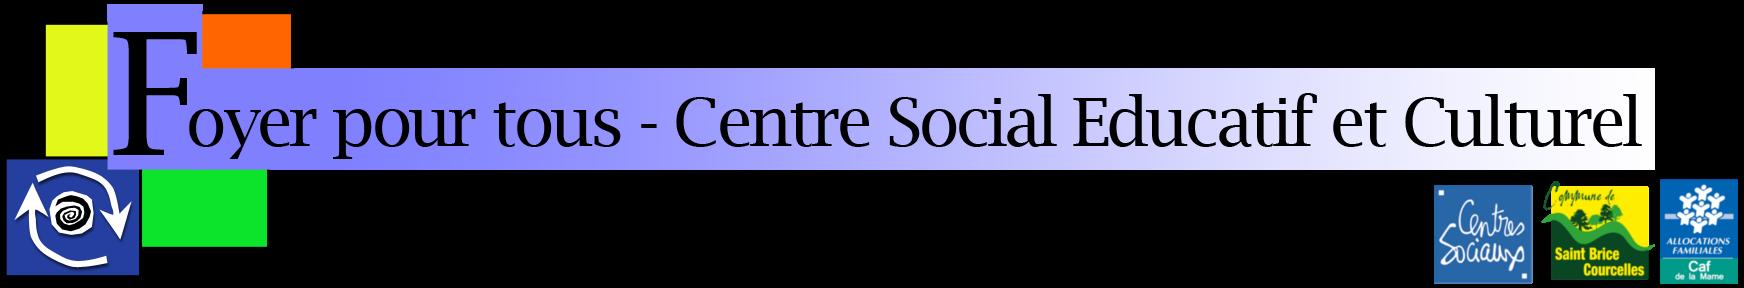 Foyer Pour Tous Centre Social Educatif et Culturel